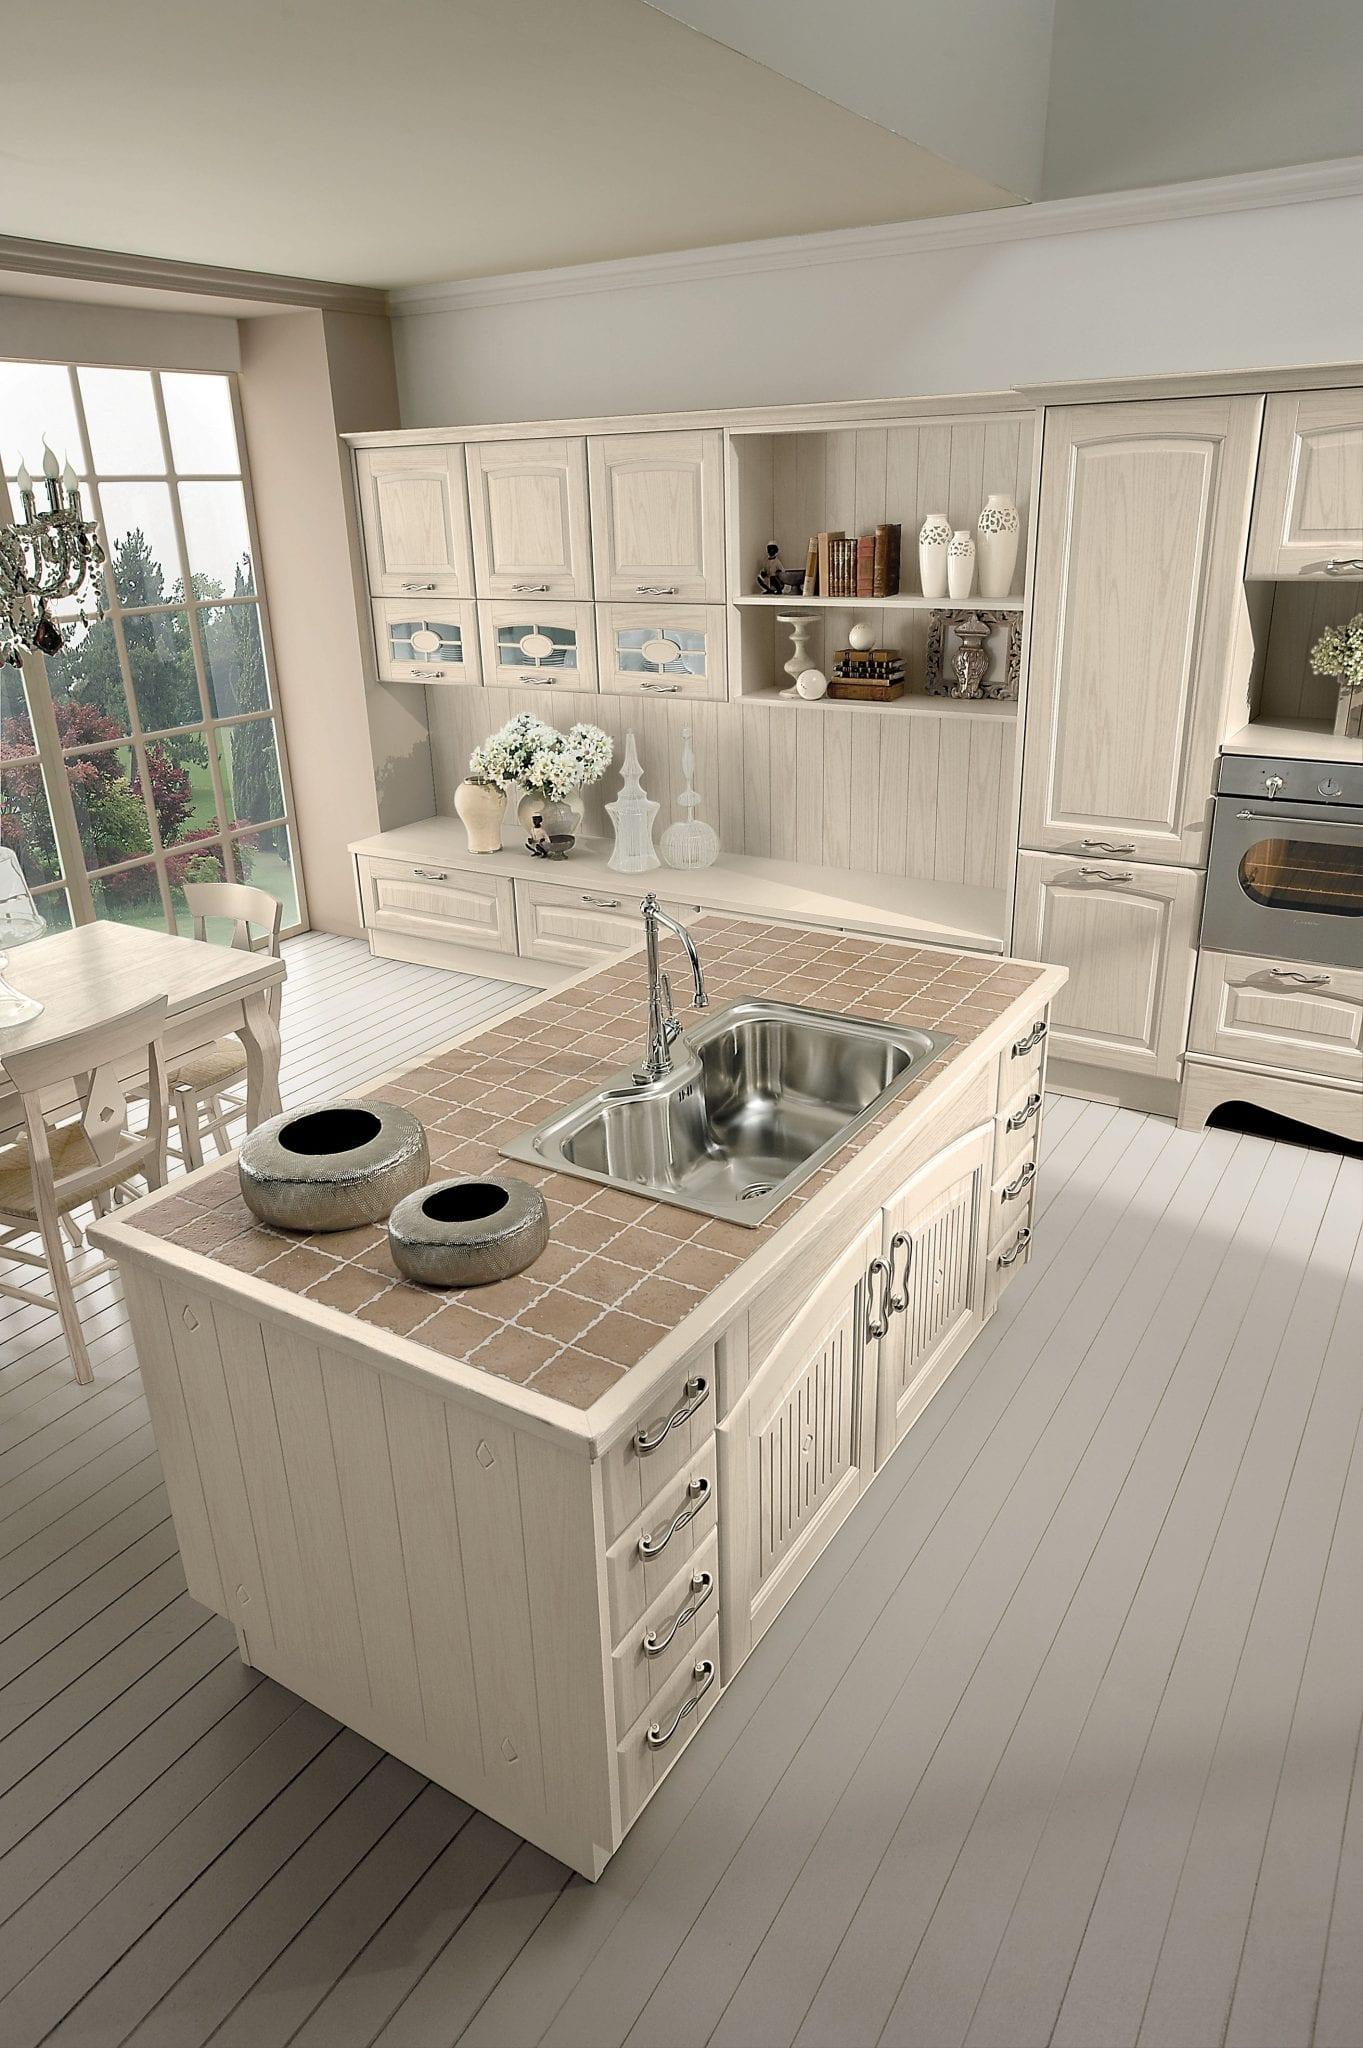 Cucina Veronica Lube - Raimondi Idee Casa - Crespellano